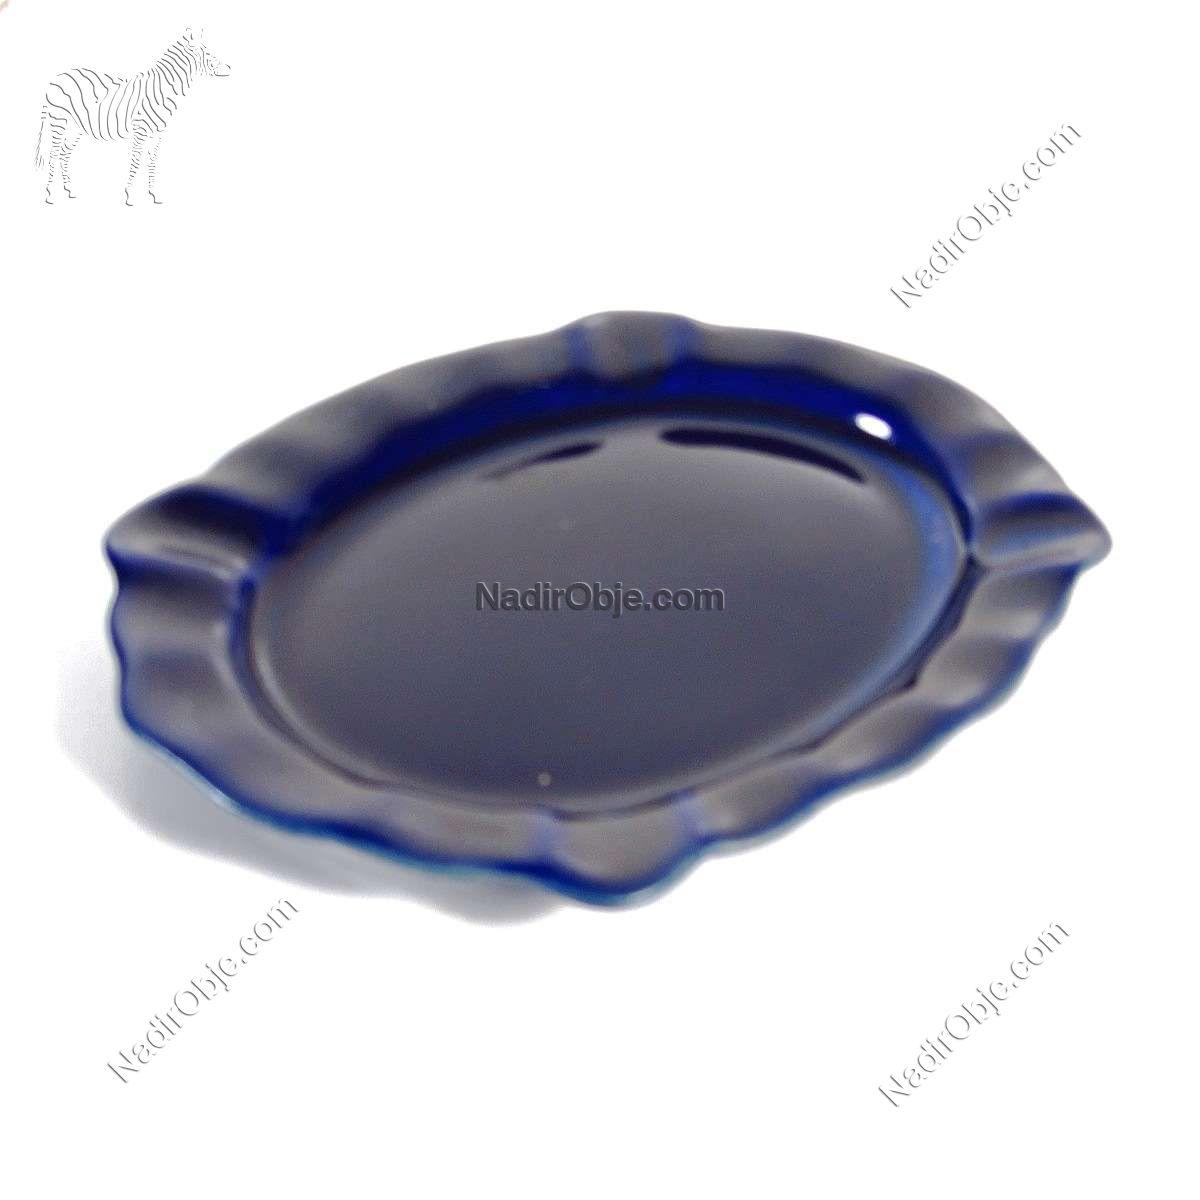 Kobalt Renk Porselen Küllük Seramik-Porselen Objeler Kobalt